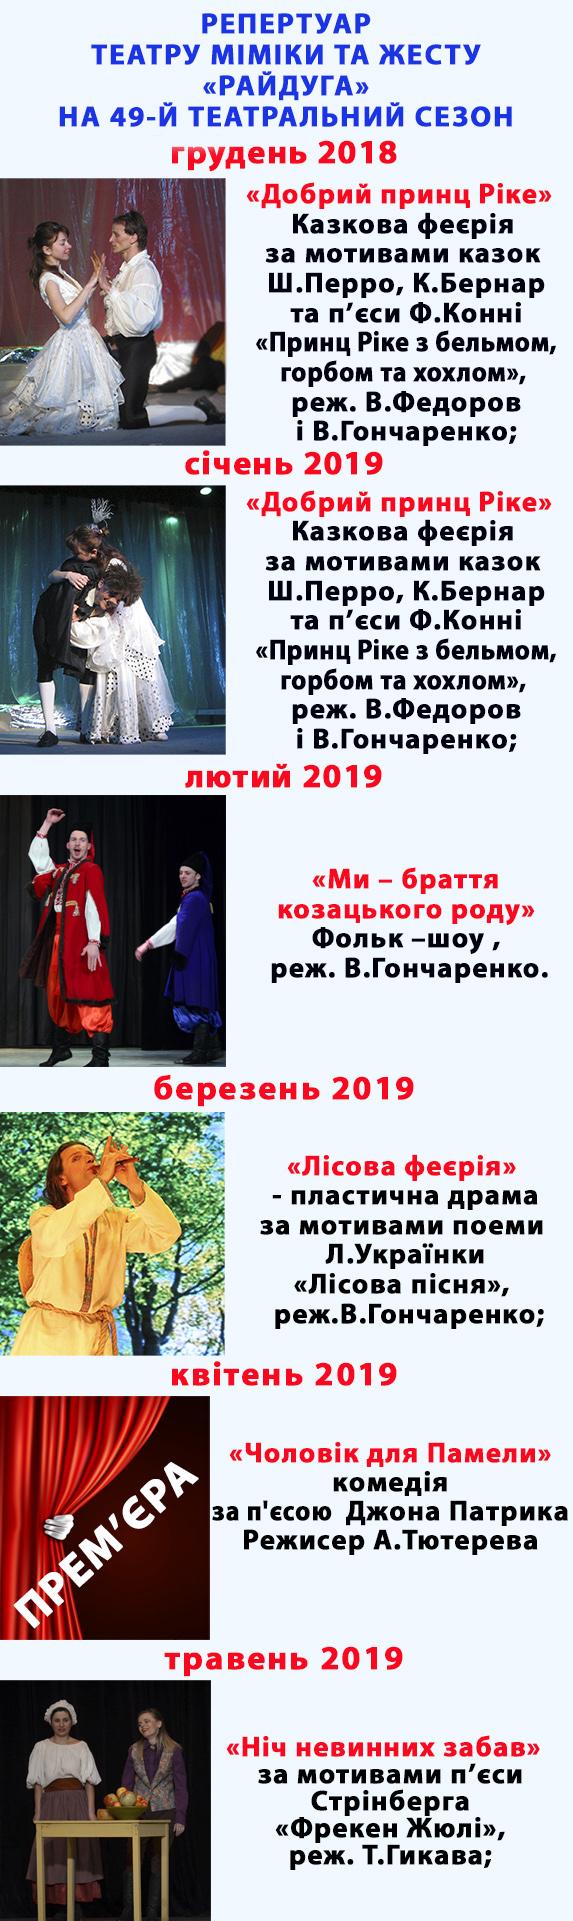 Raduga_49Y_2018-2019_sayt_3_inet_smal1